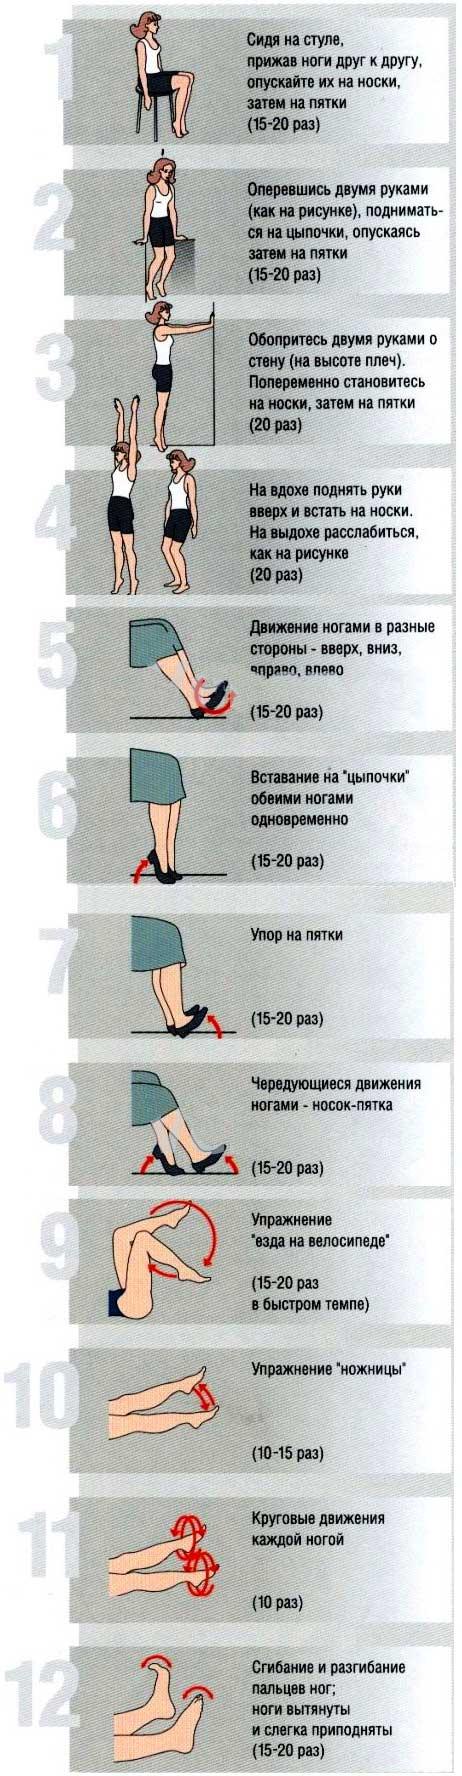 Фото с 12-ю универсальными упражнениями при варикозе ног, которые можно выполнять в положении стоя, сидя и лёжа.